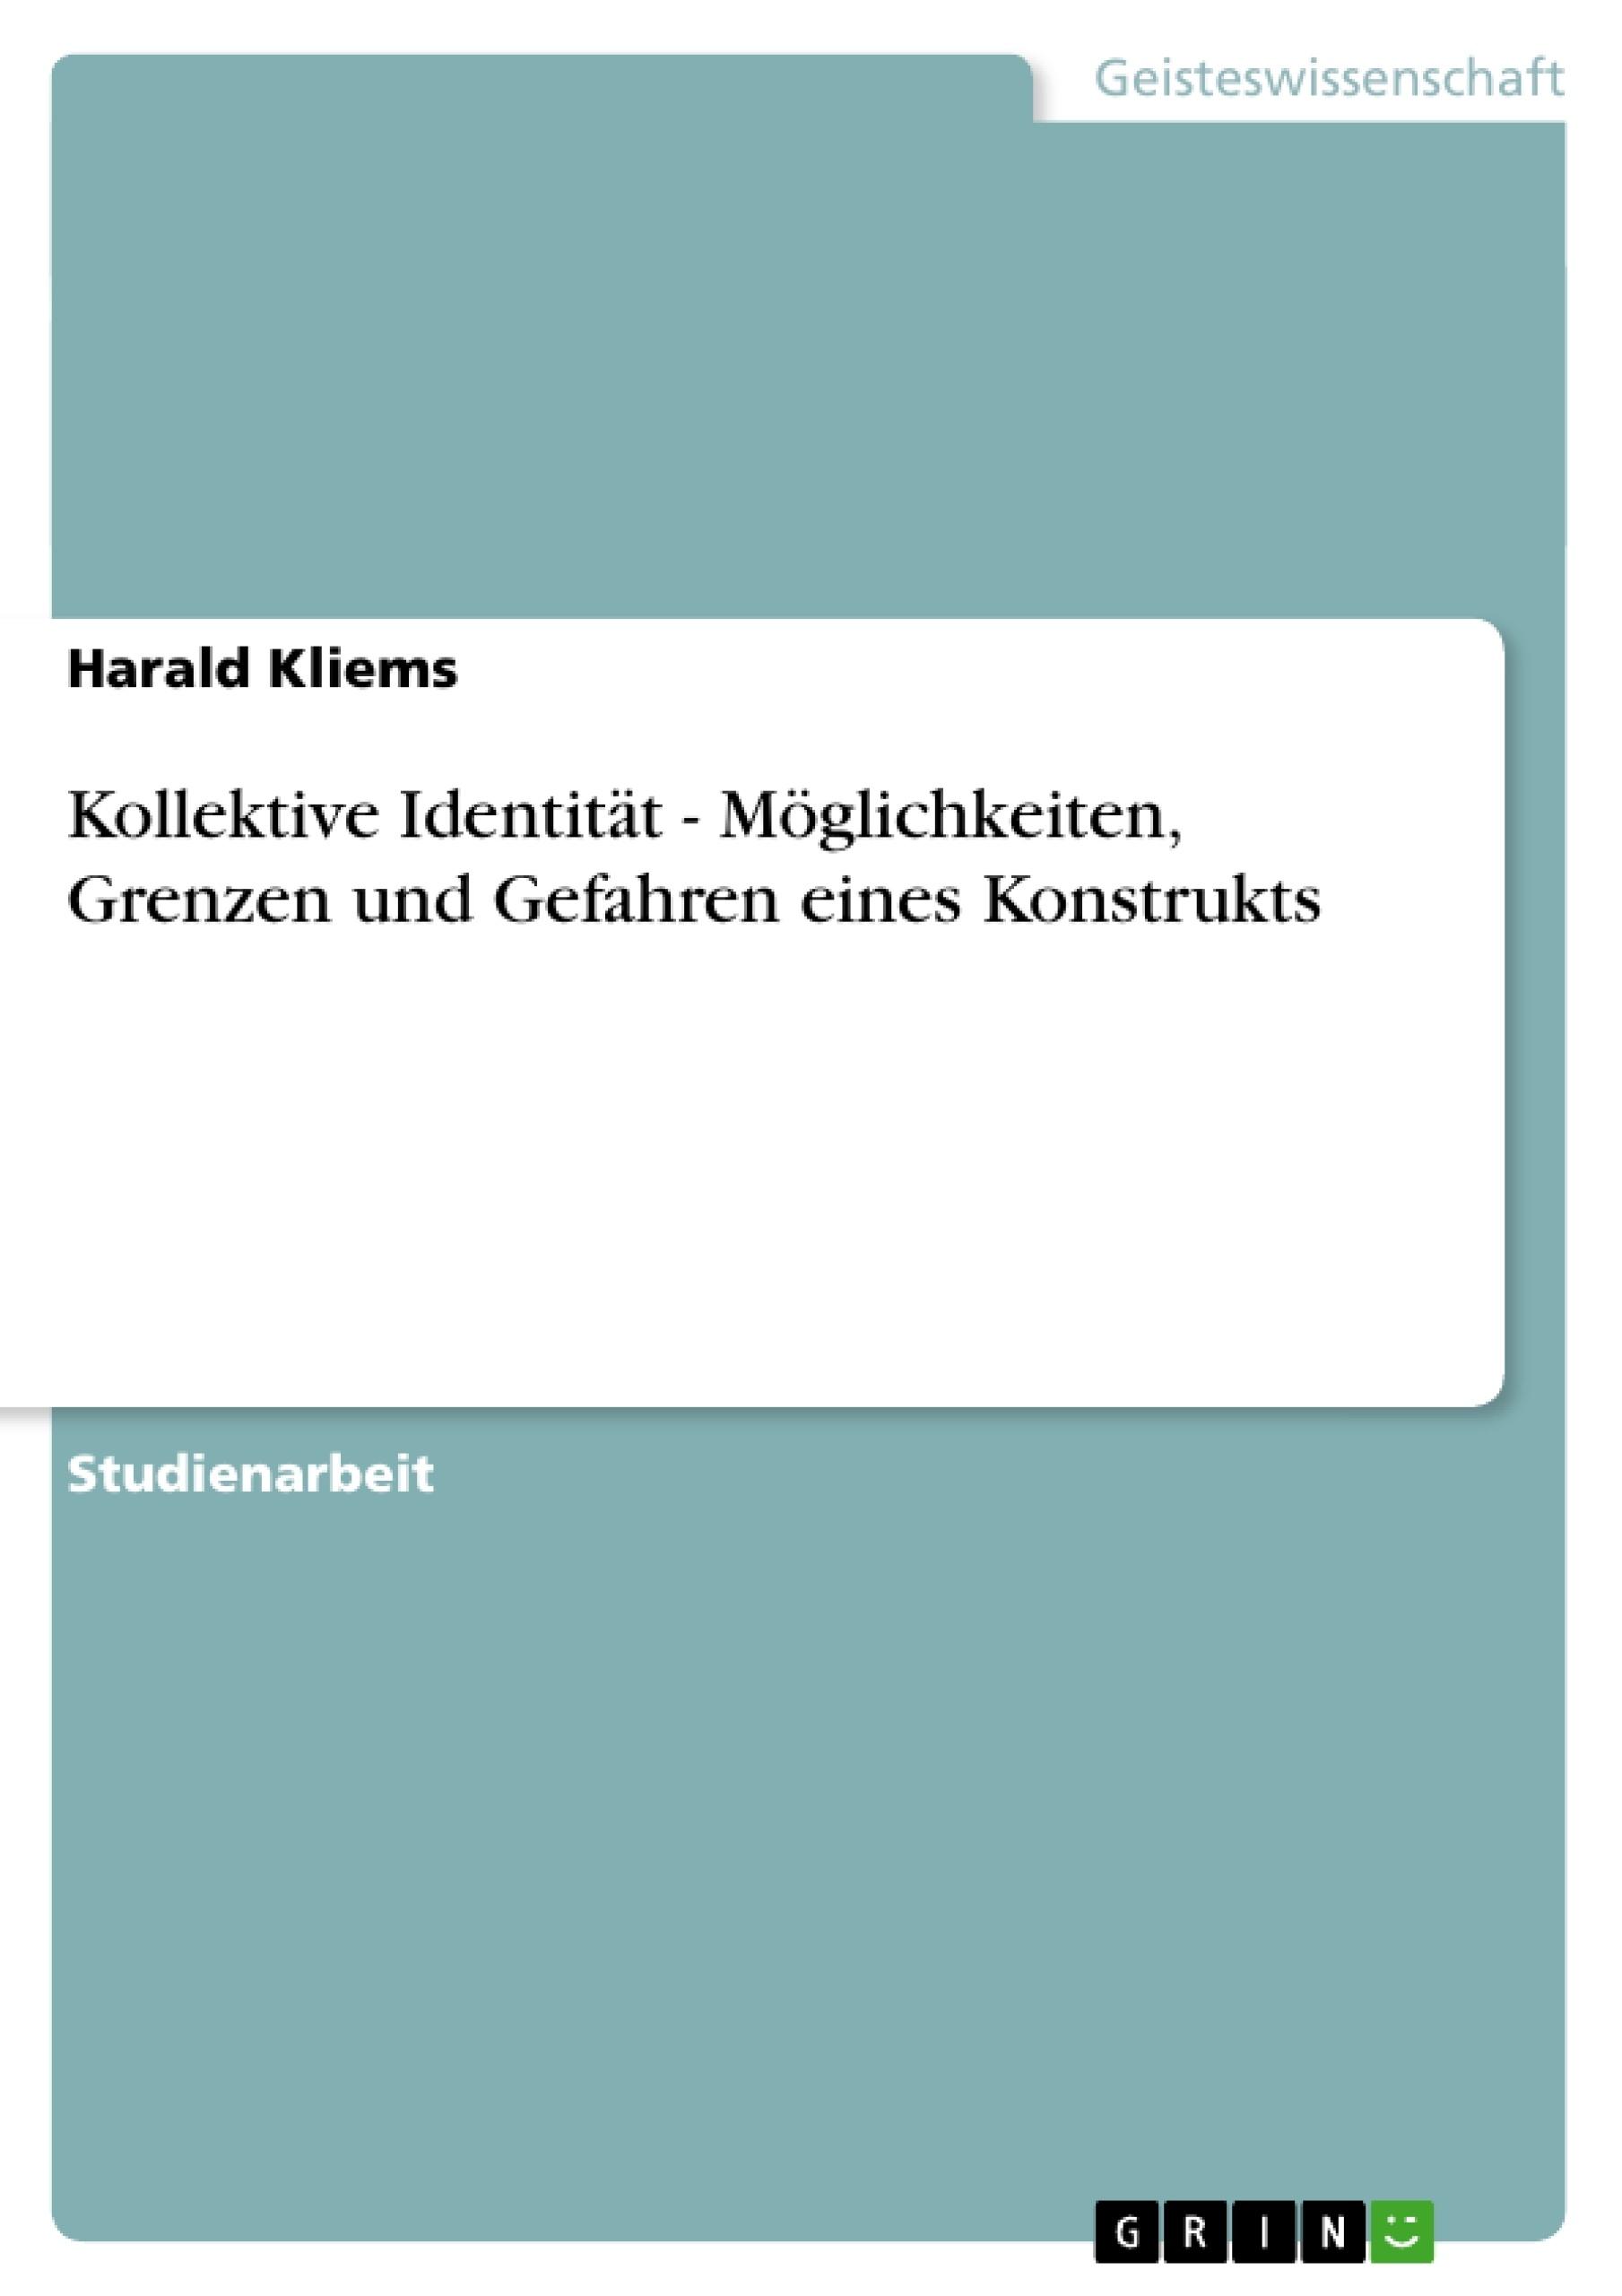 Titel: Kollektive Identität - Möglichkeiten, Grenzen und Gefahren eines Konstrukts